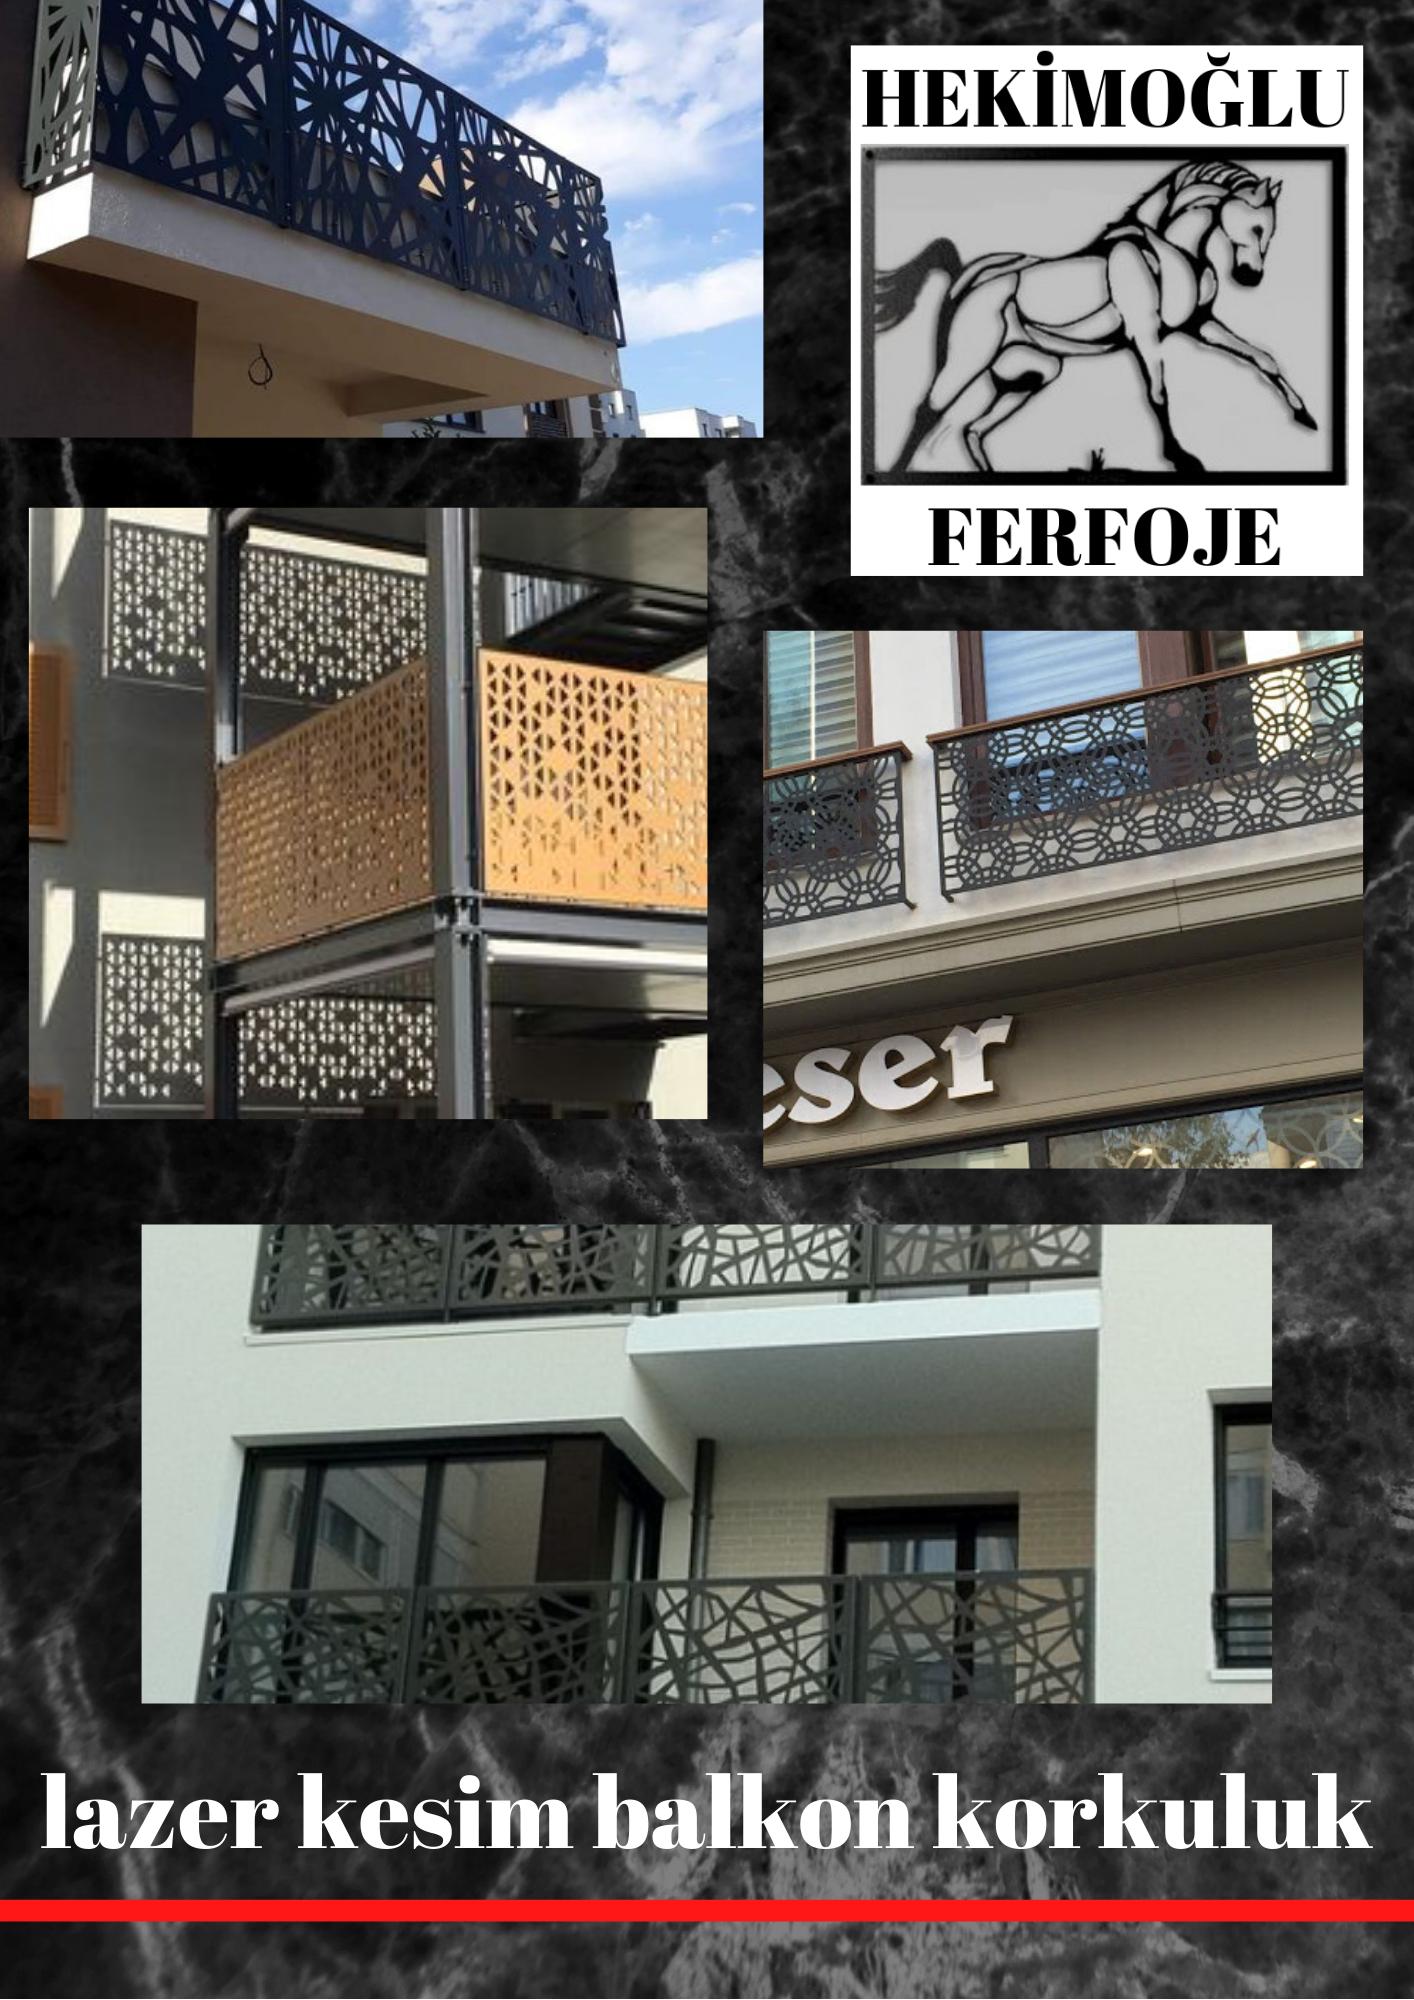 Lazer kesim balkon korkuluk İzmir firması